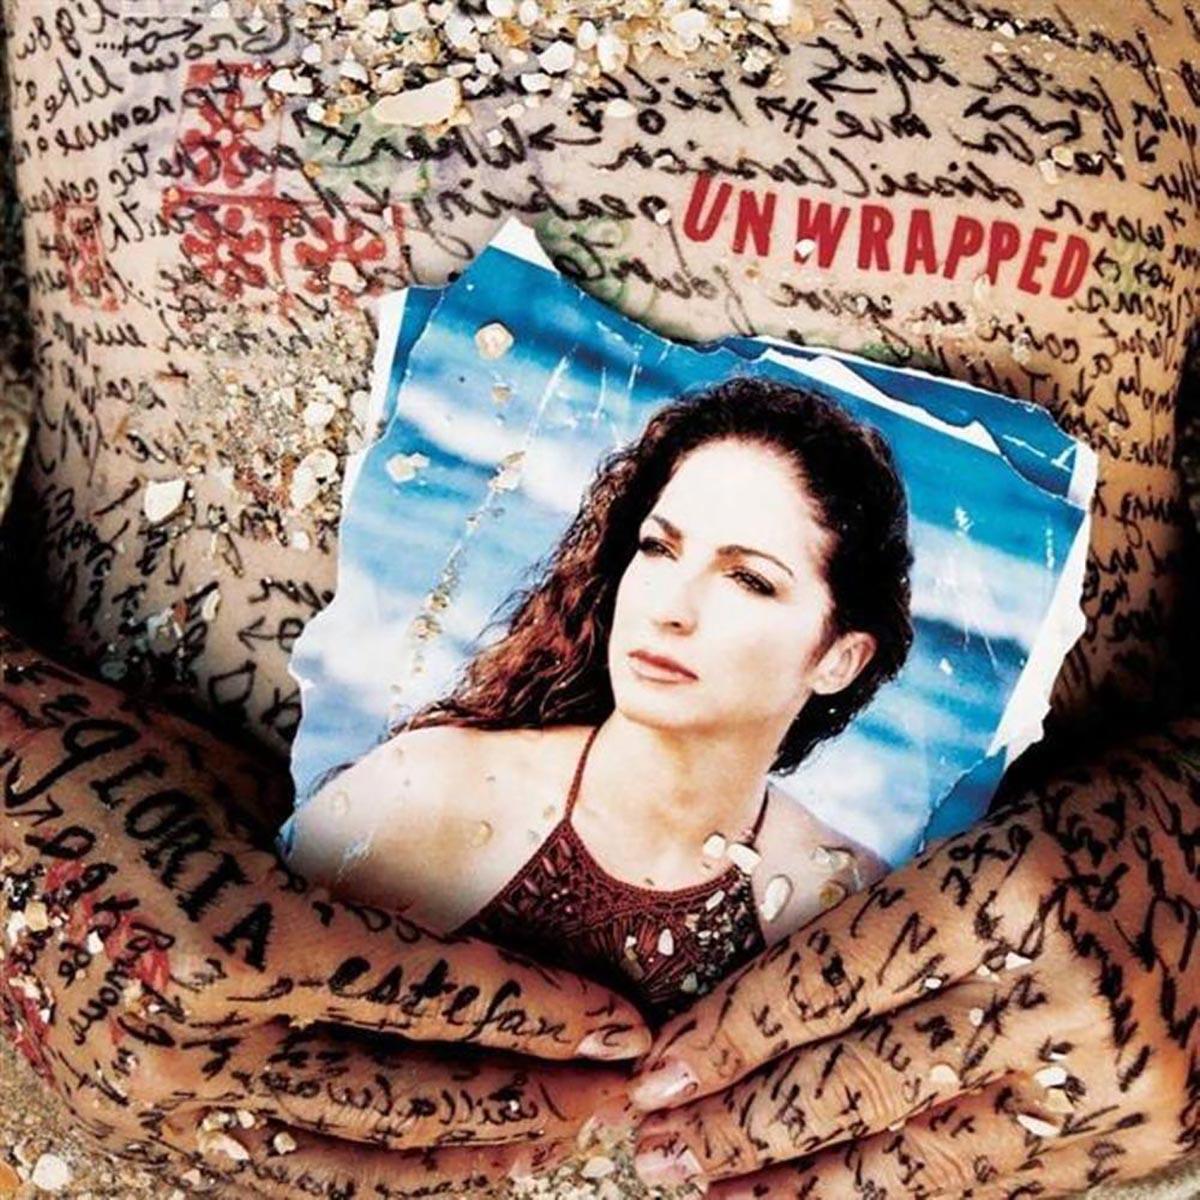 Gloria Estefan, Unwrapped